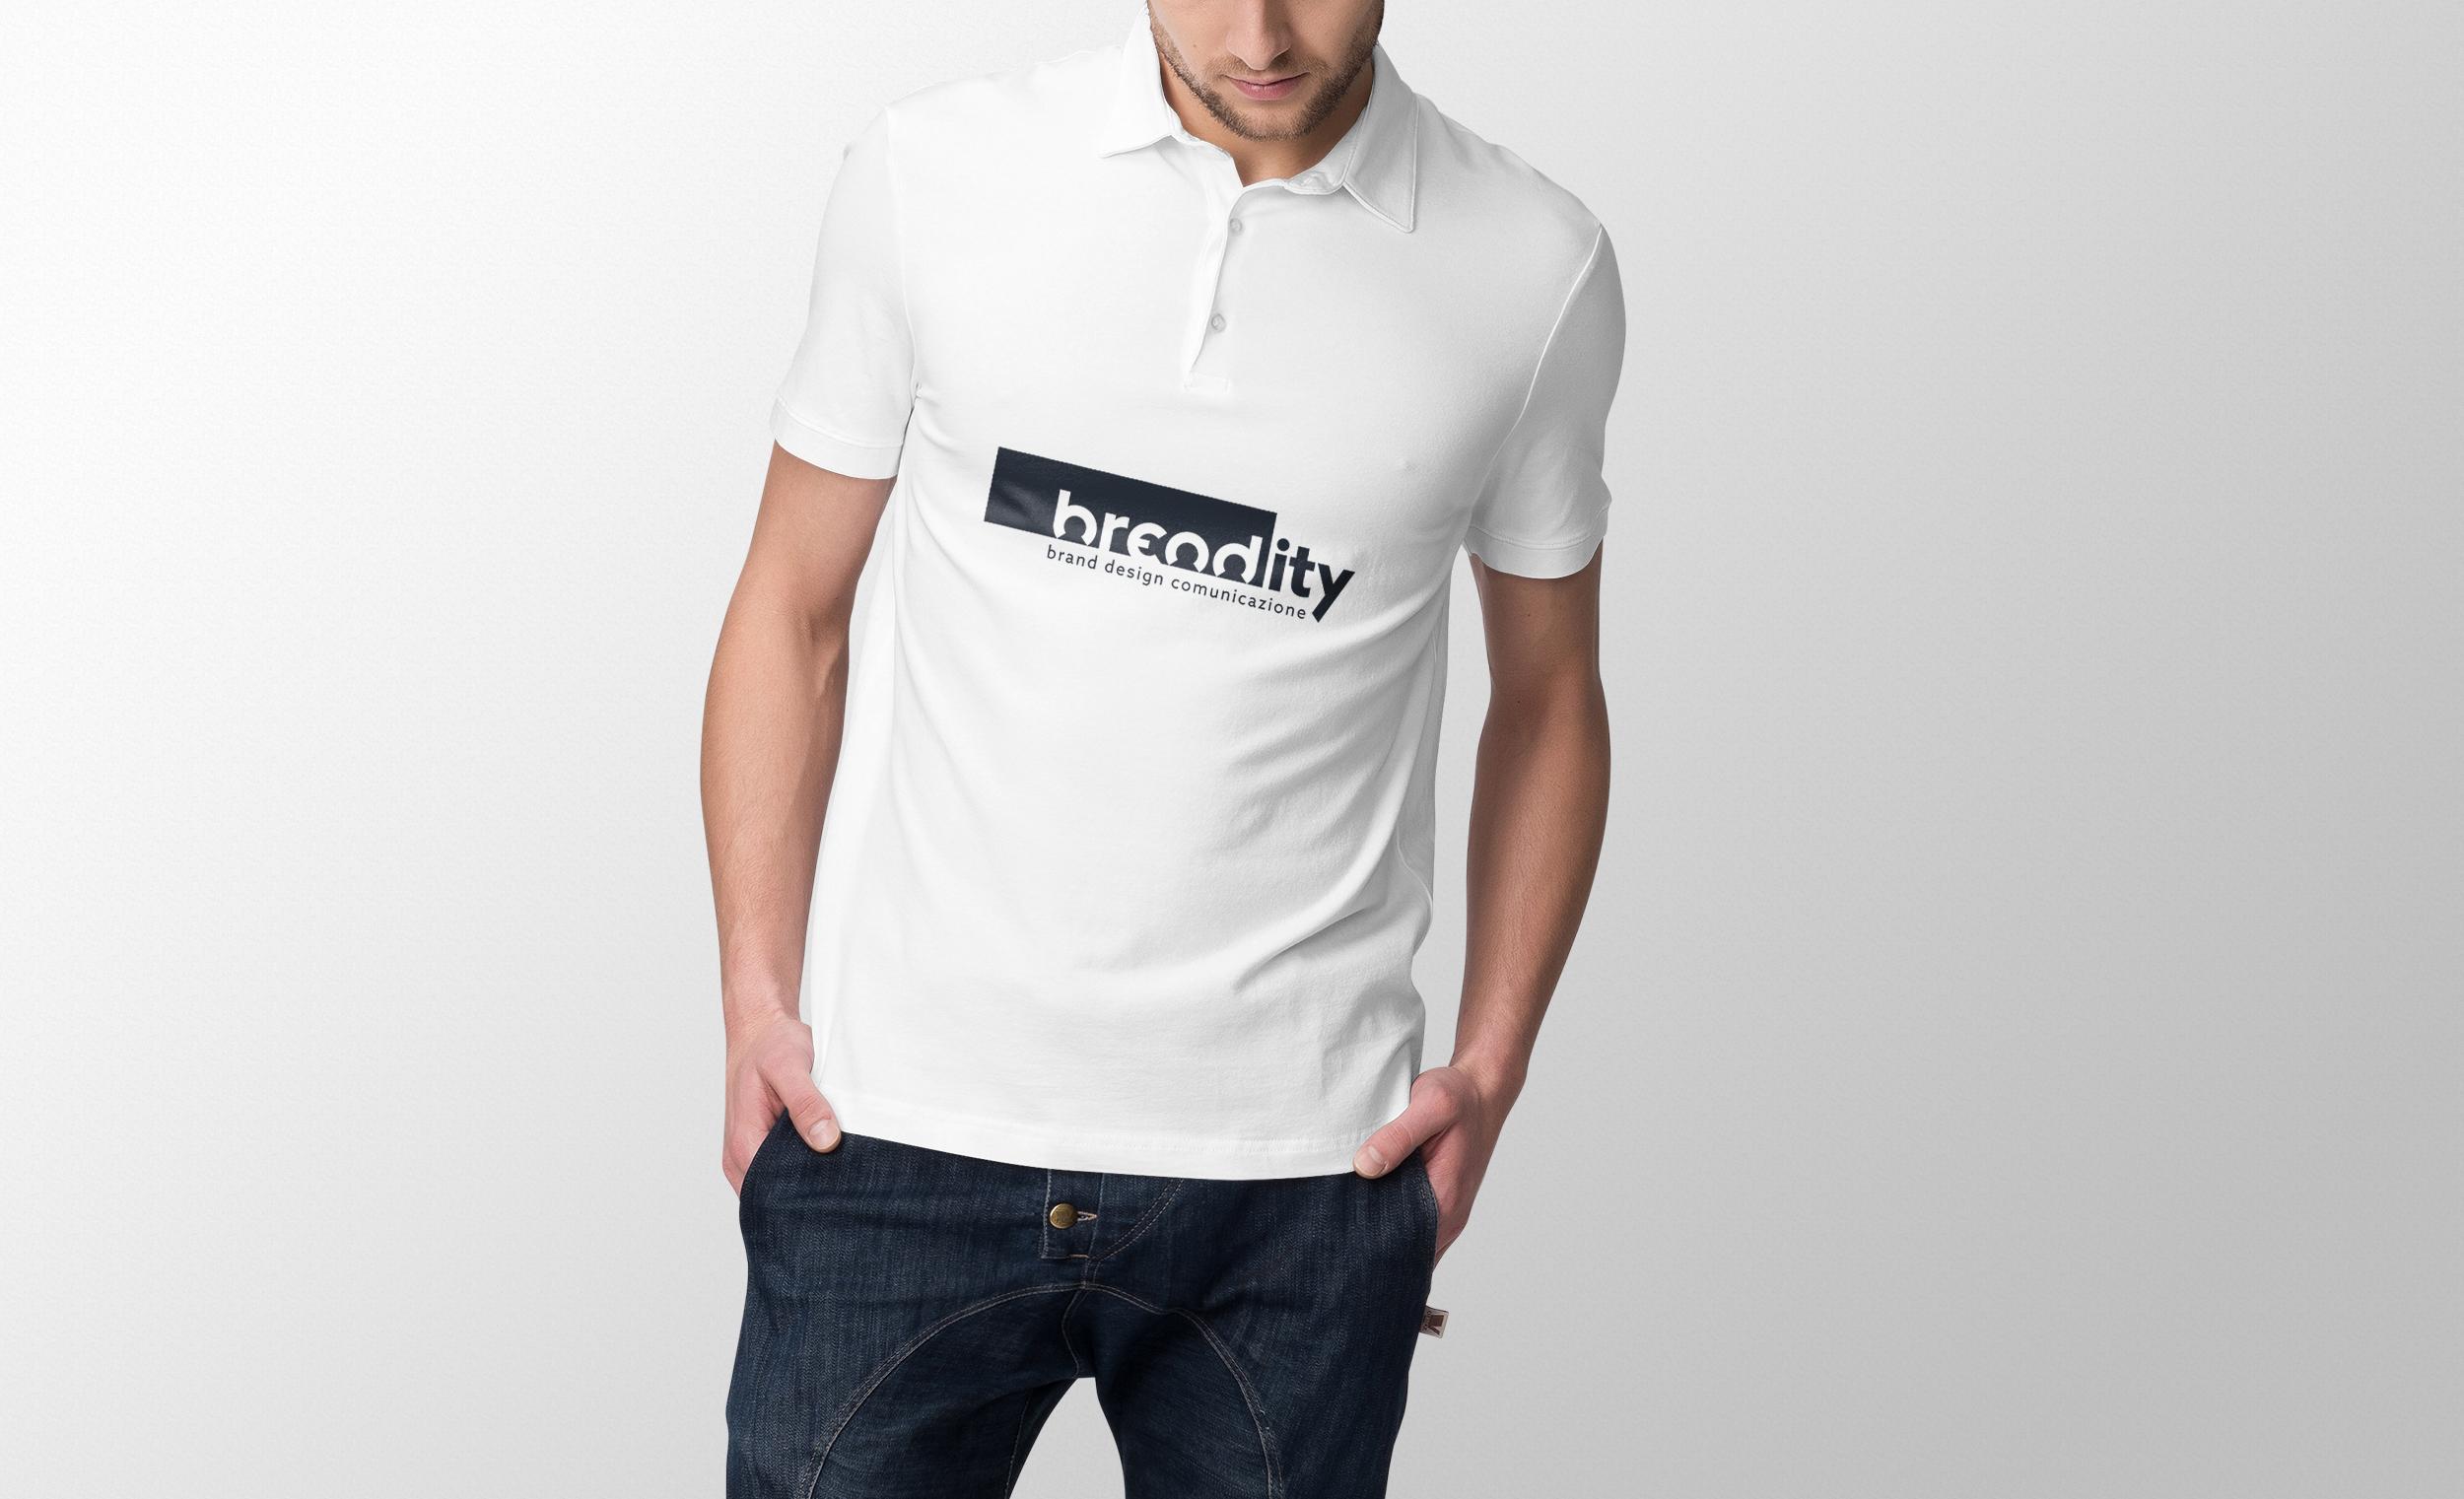 brendity abbigliamento (t-shirt)